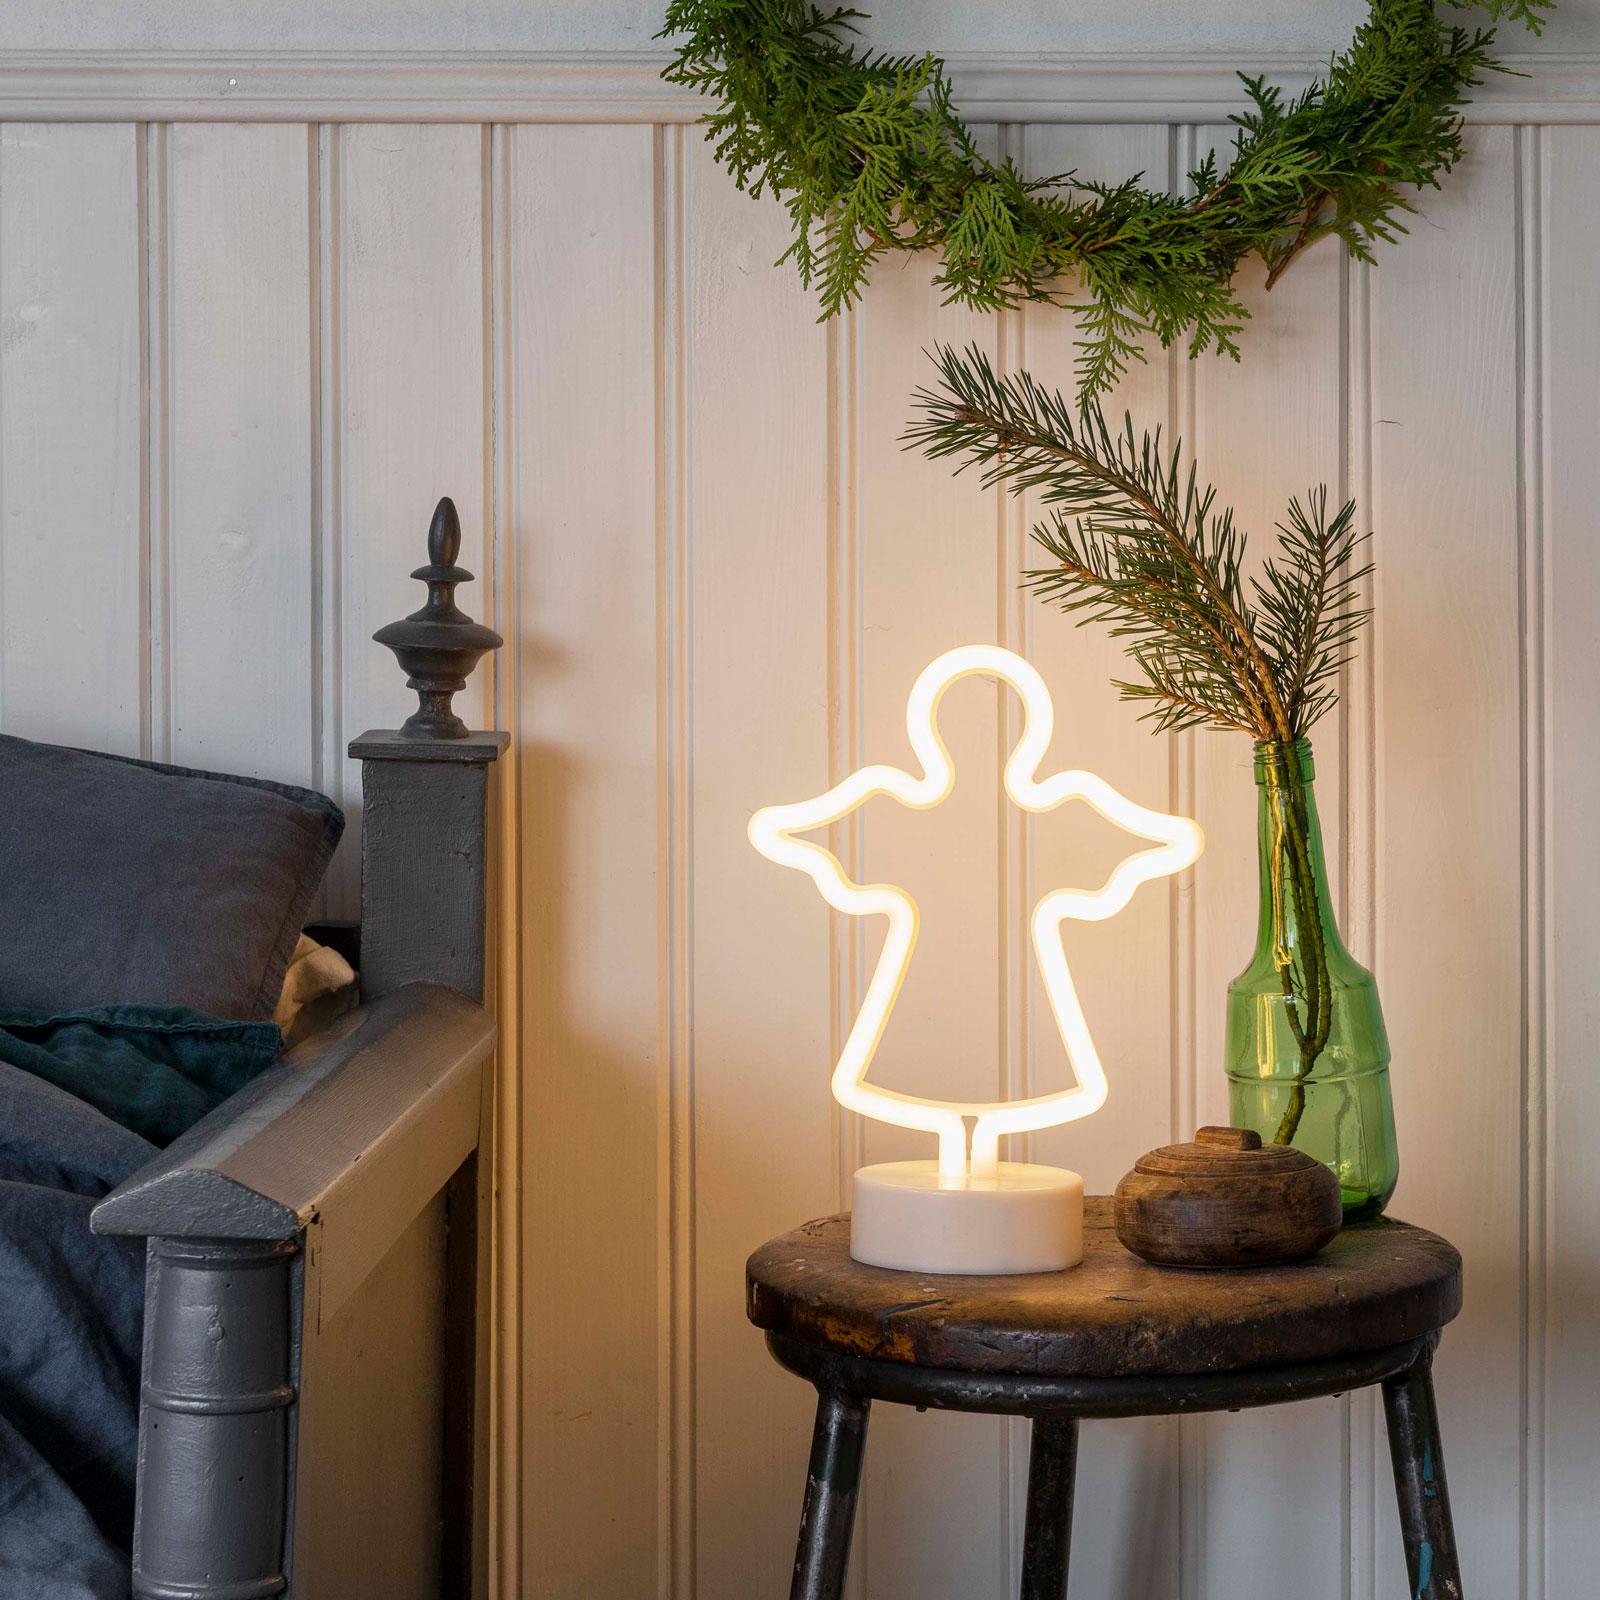 LED-dekorasjonsbelysning slangesilhuett Engel